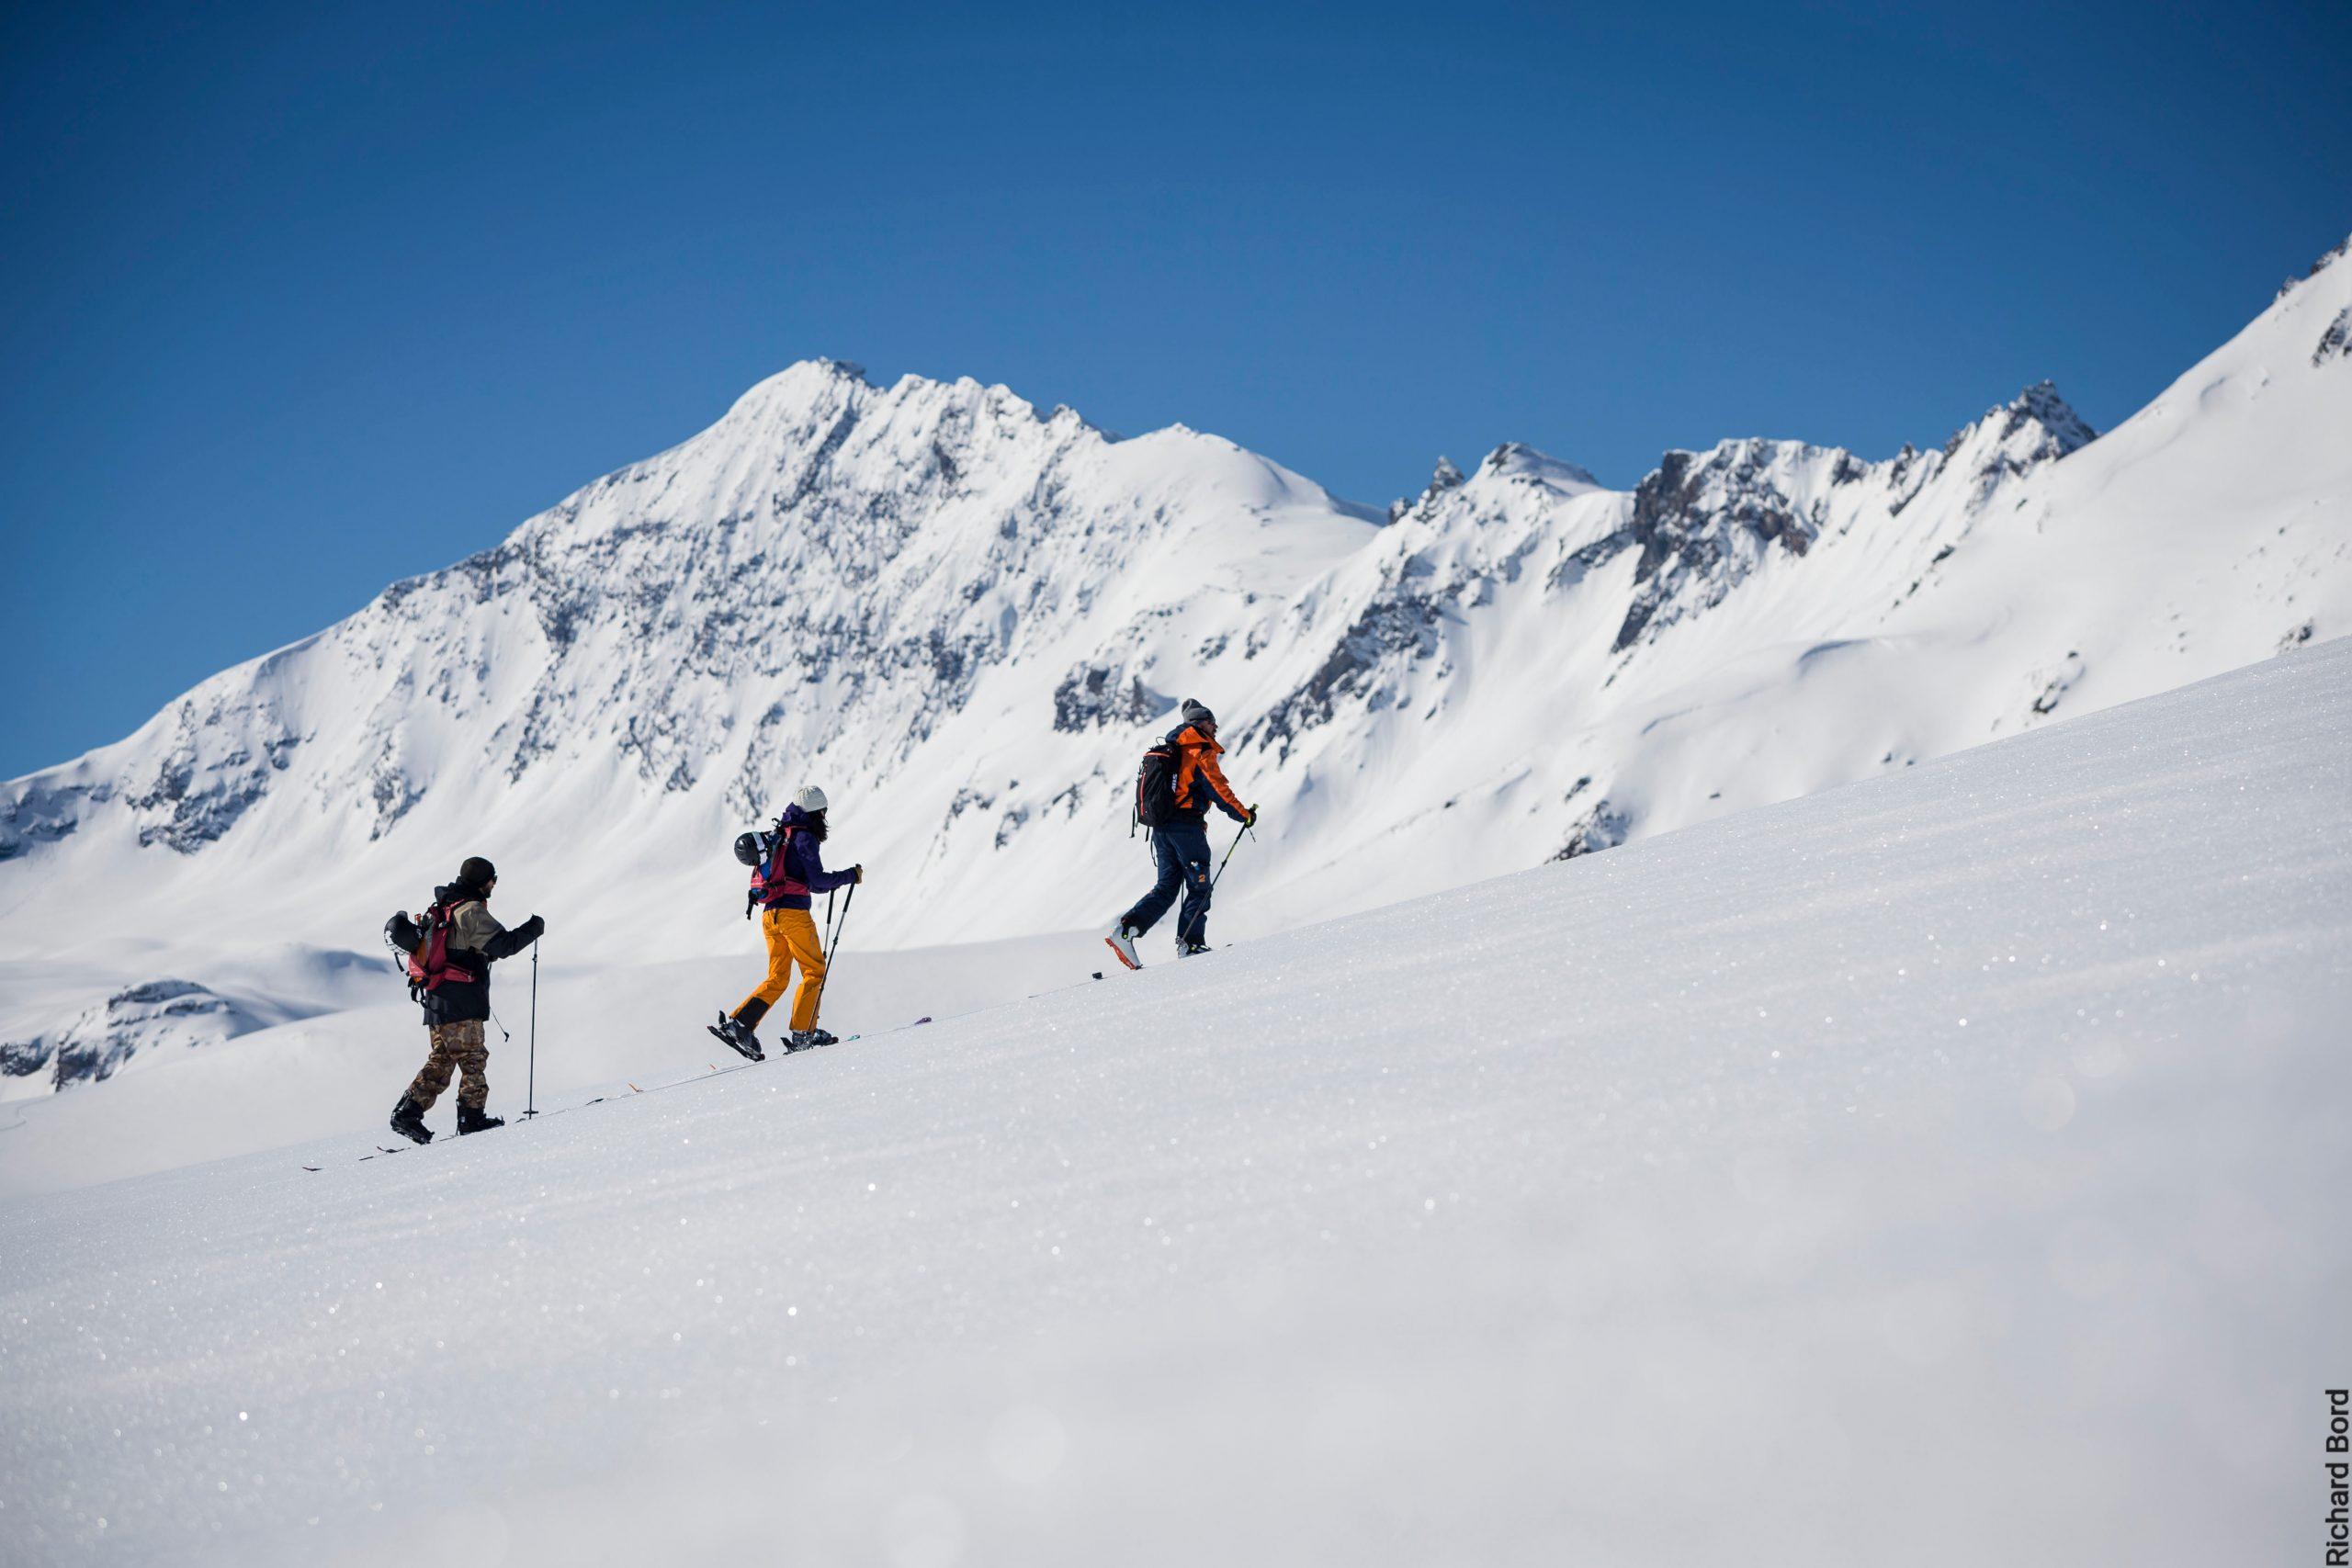 R. Bord - Val d'Isère Tourisme